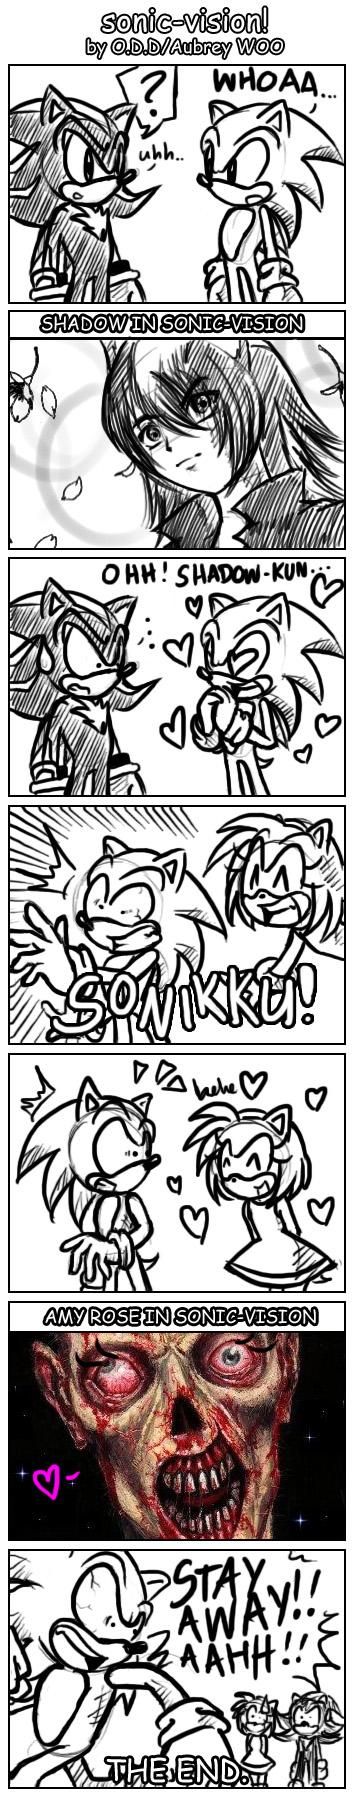 Imagenex graciosax Sonicvision_comic